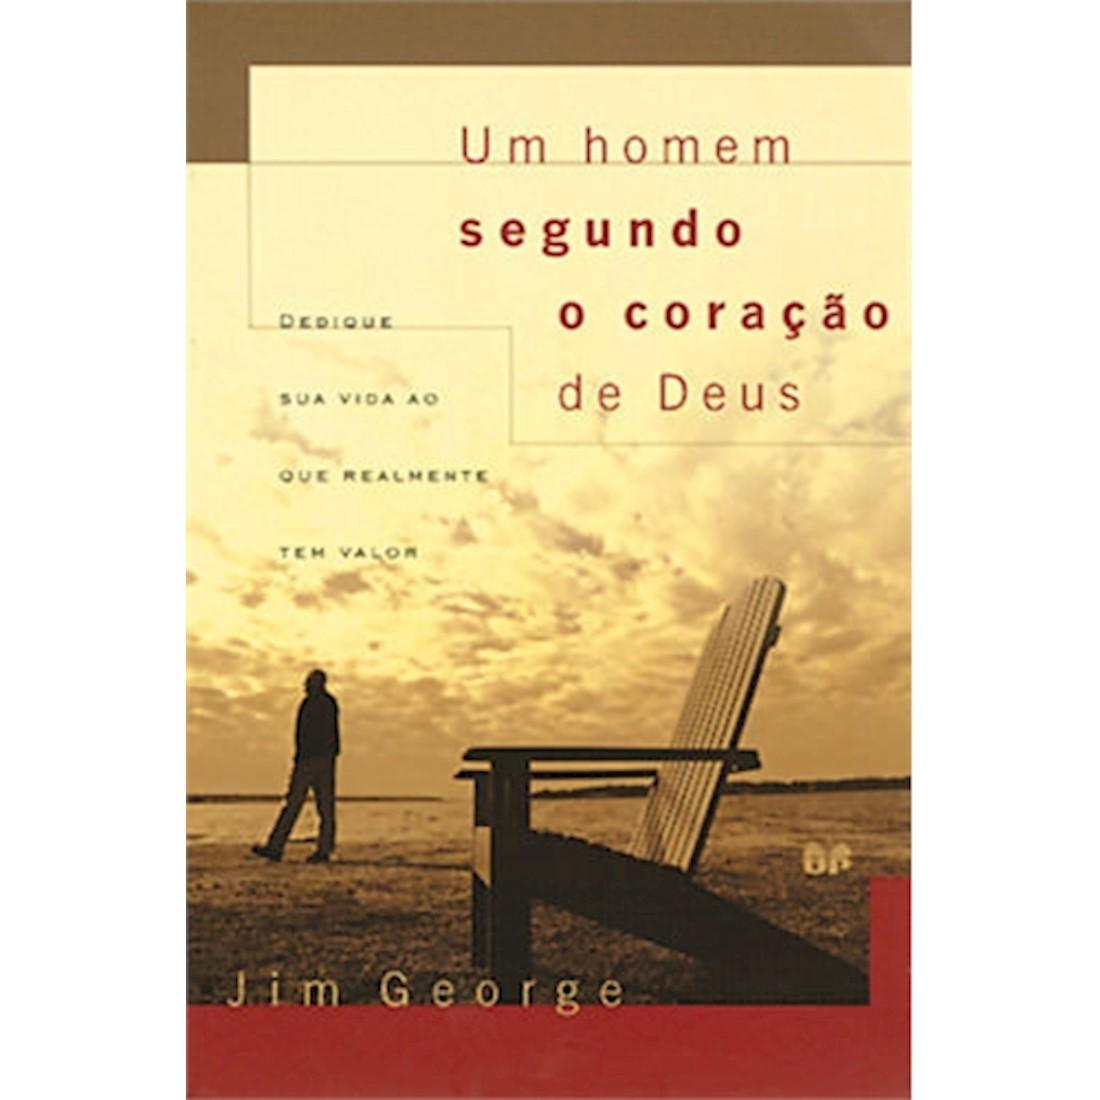 Livro Um Homem Segundo o Coração de Deus